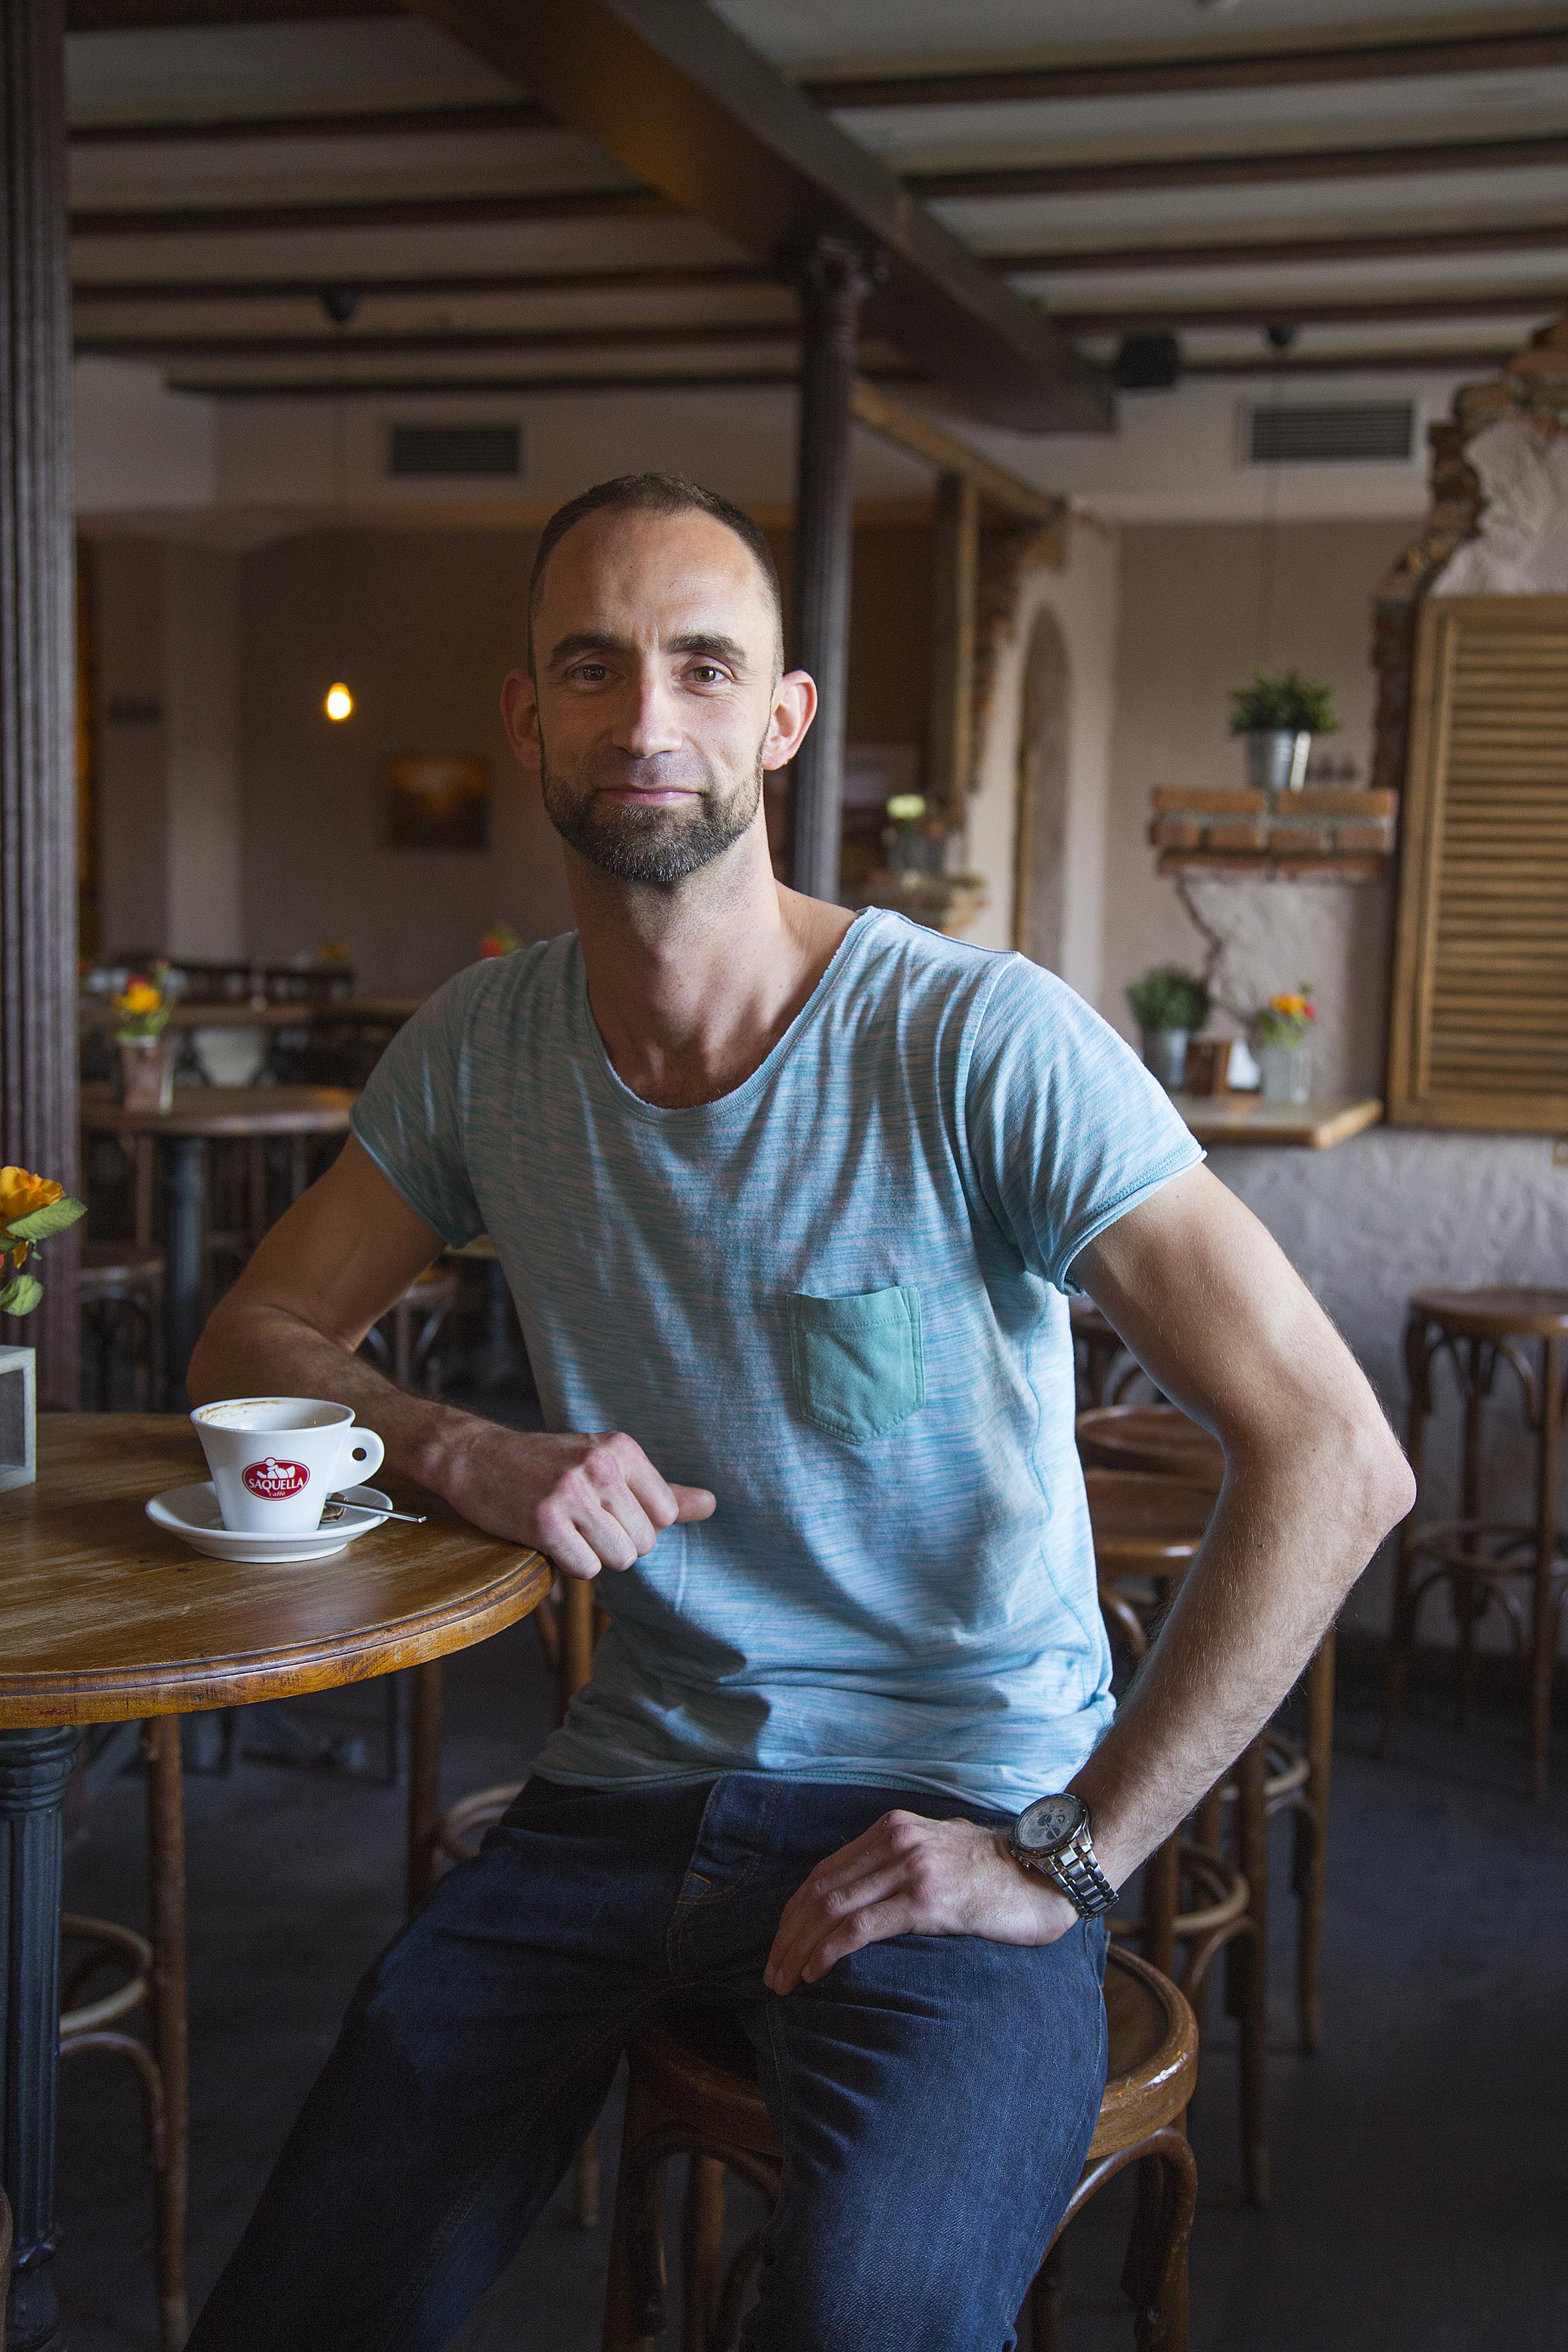 Der neue Betreiber Andreas Roth ist kein Unbekannter im Cantina. Bereits vor fünf Jahren arbeitete er dort als Barkeeper (siehe GUSTL Ausgabe 13/2013), jetzt ist er der Chef.